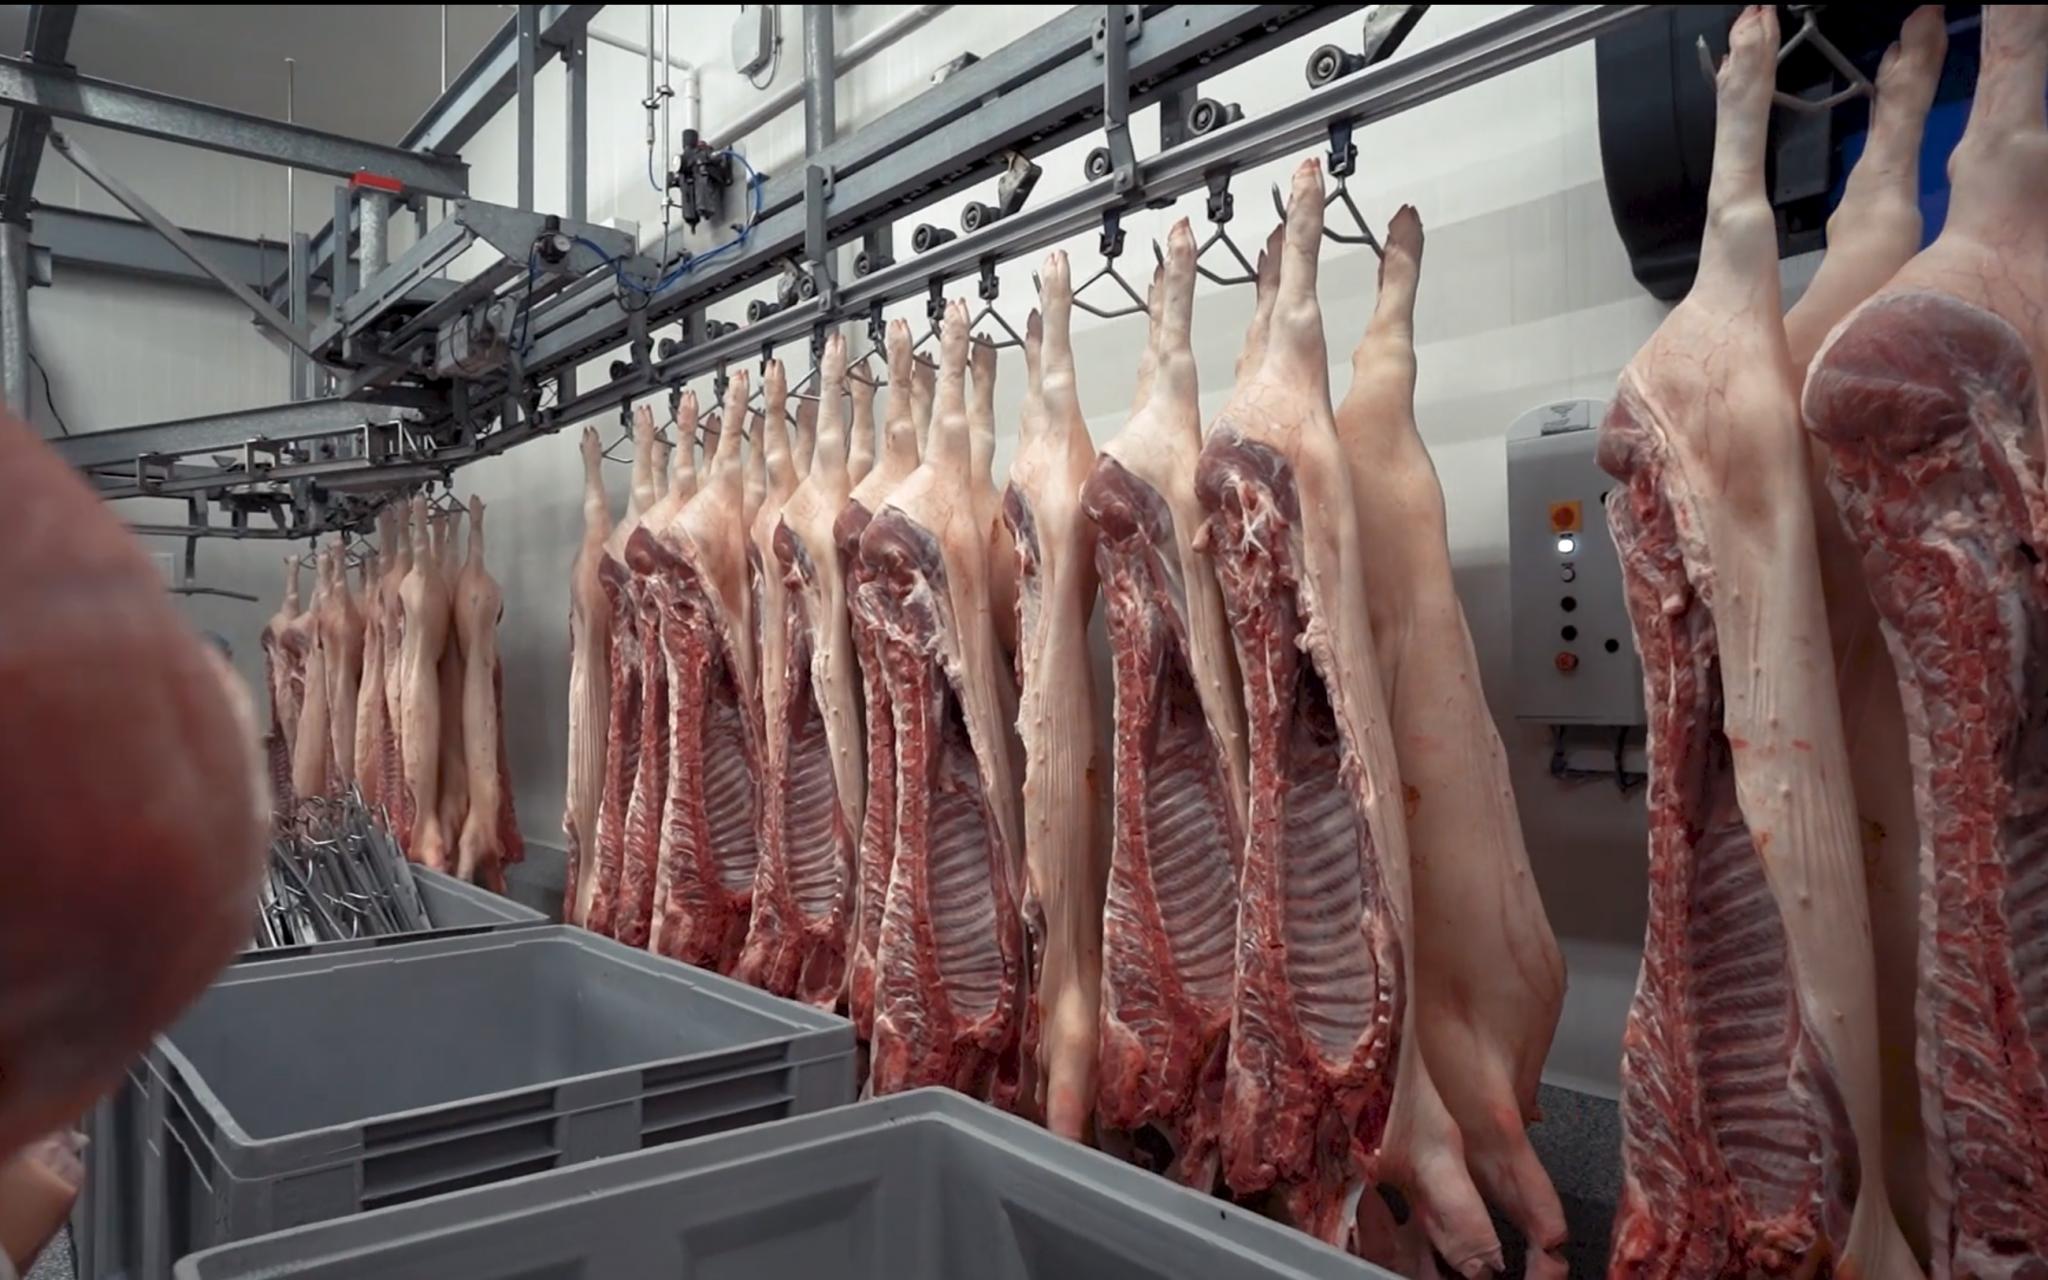 TRIGR. media - Destoop - videografie - De stoop - Waregem - varkensversnijderij - varkensvlees - aftermovie - bedrijfsfilm - productieproces